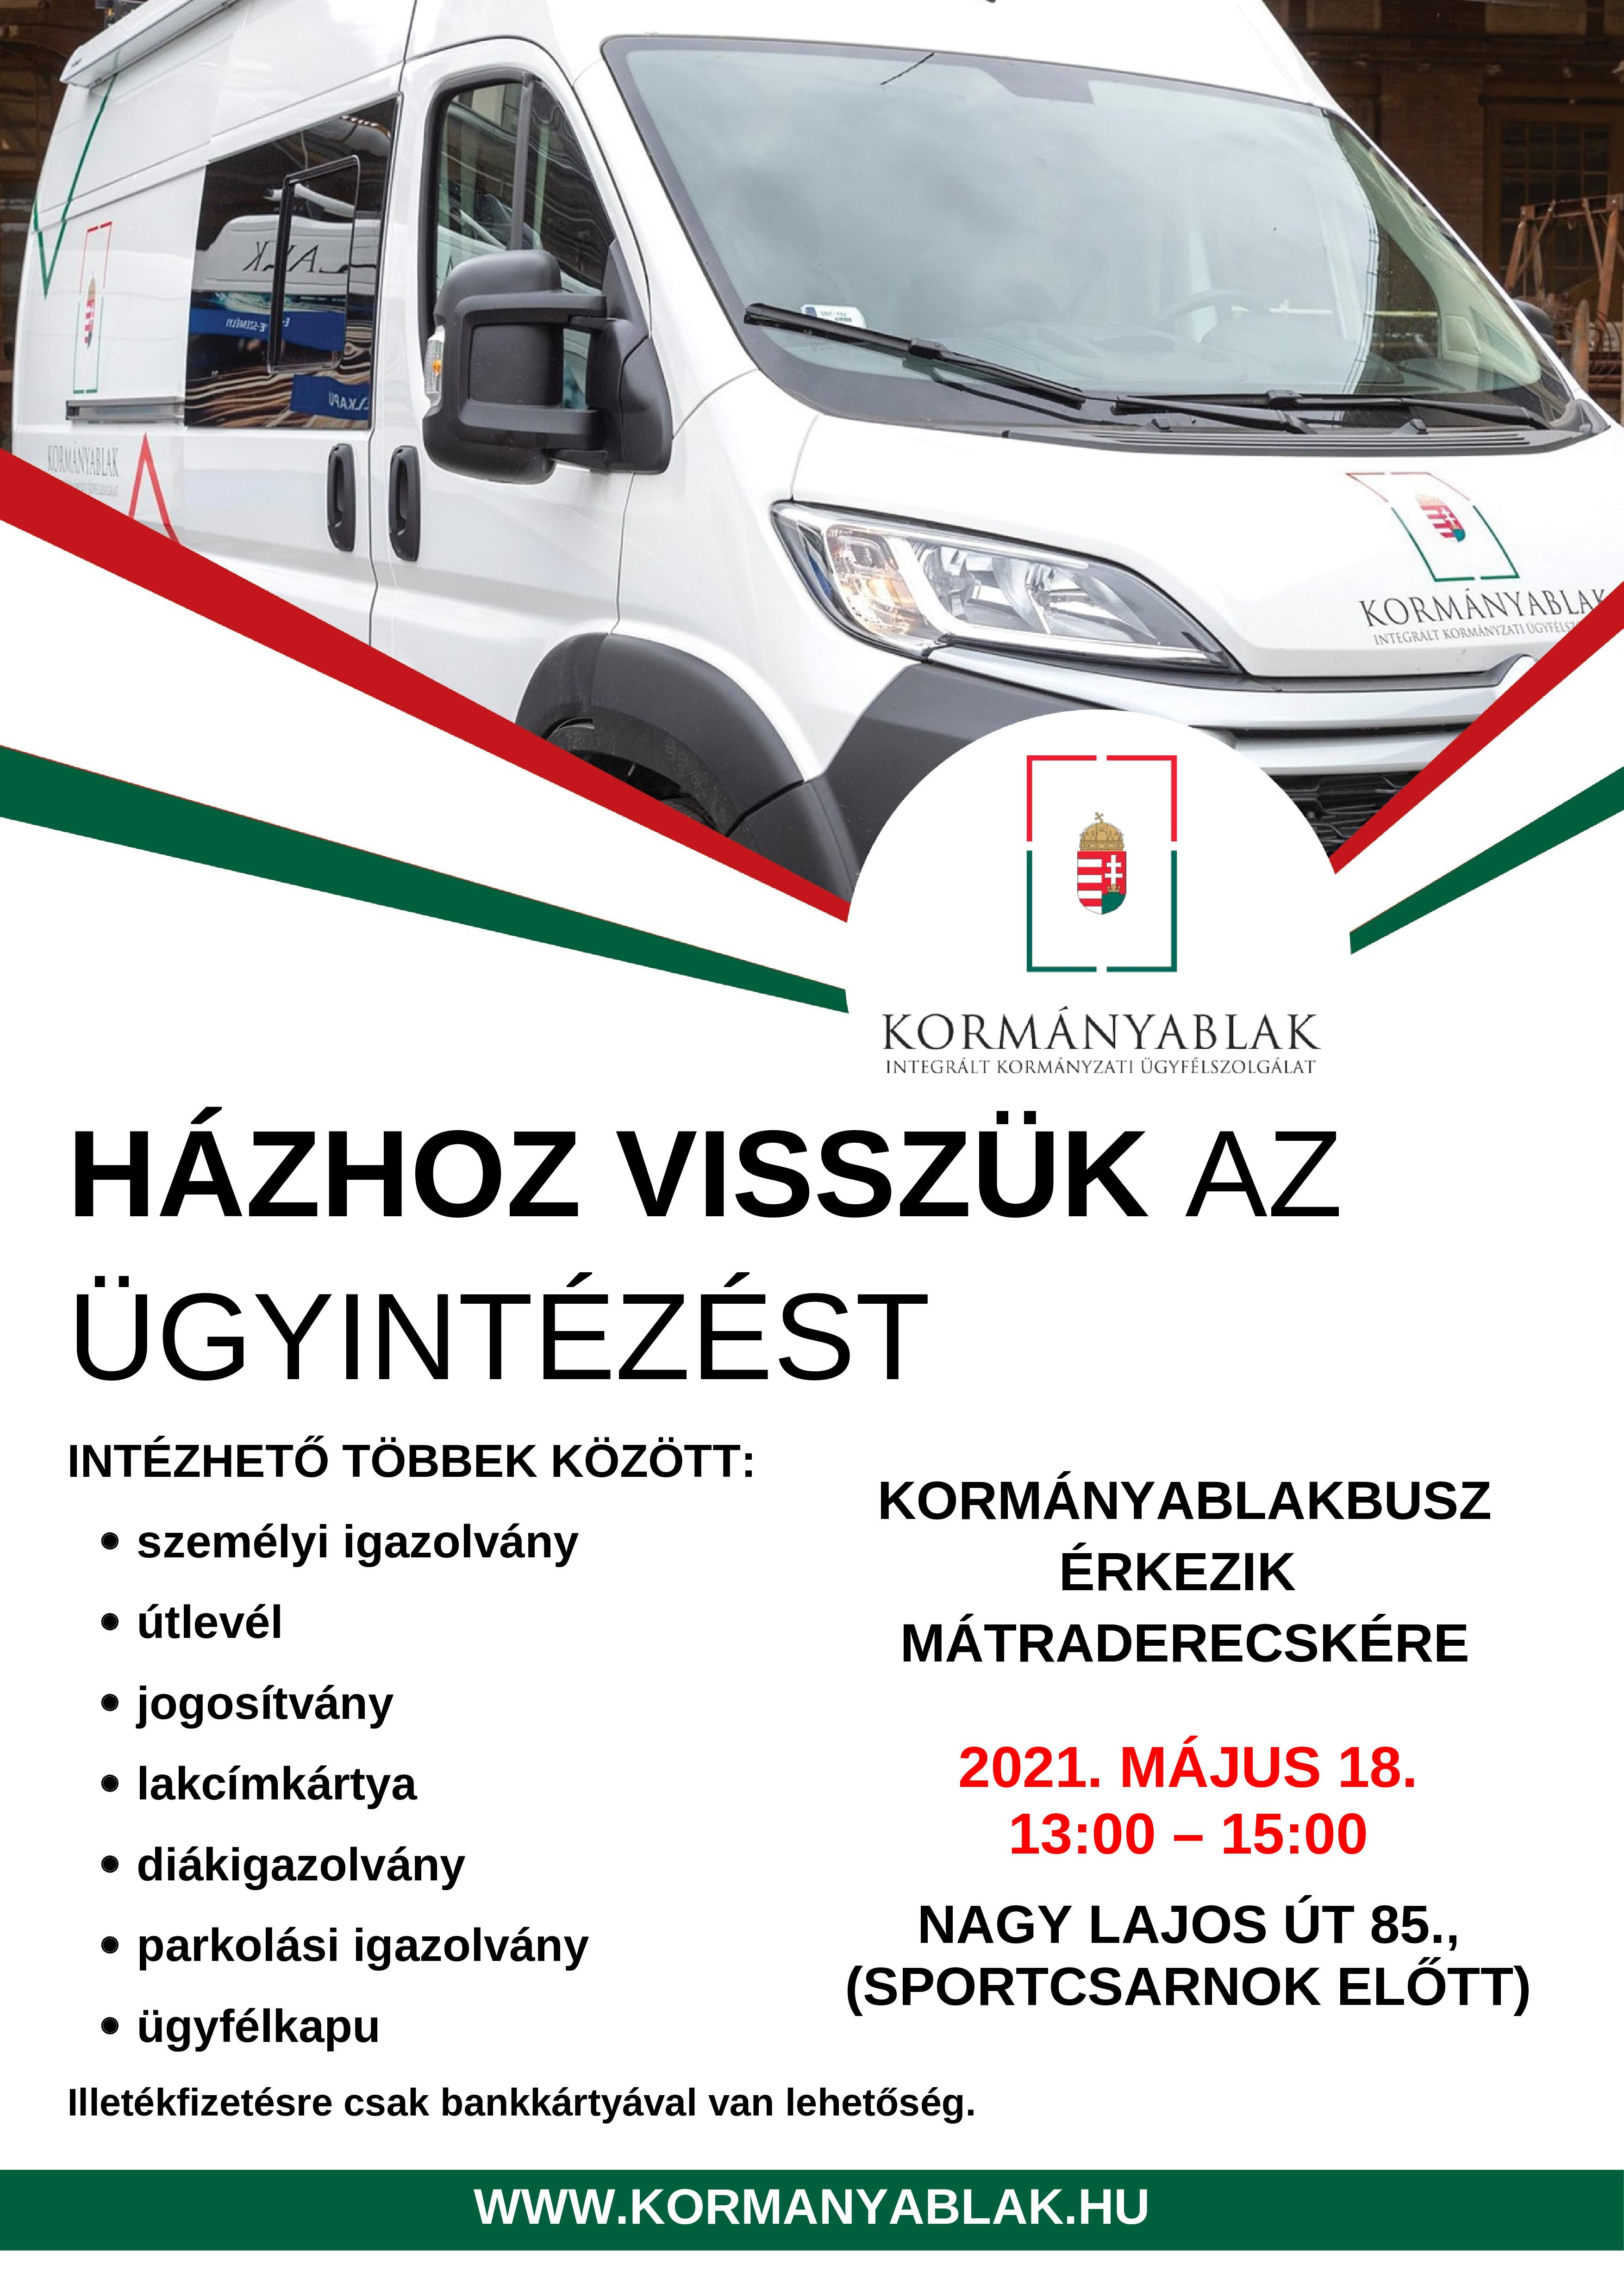 Kormányablakbusz Mátraderecskén 2021.05.18. kedd 13:00-15:00